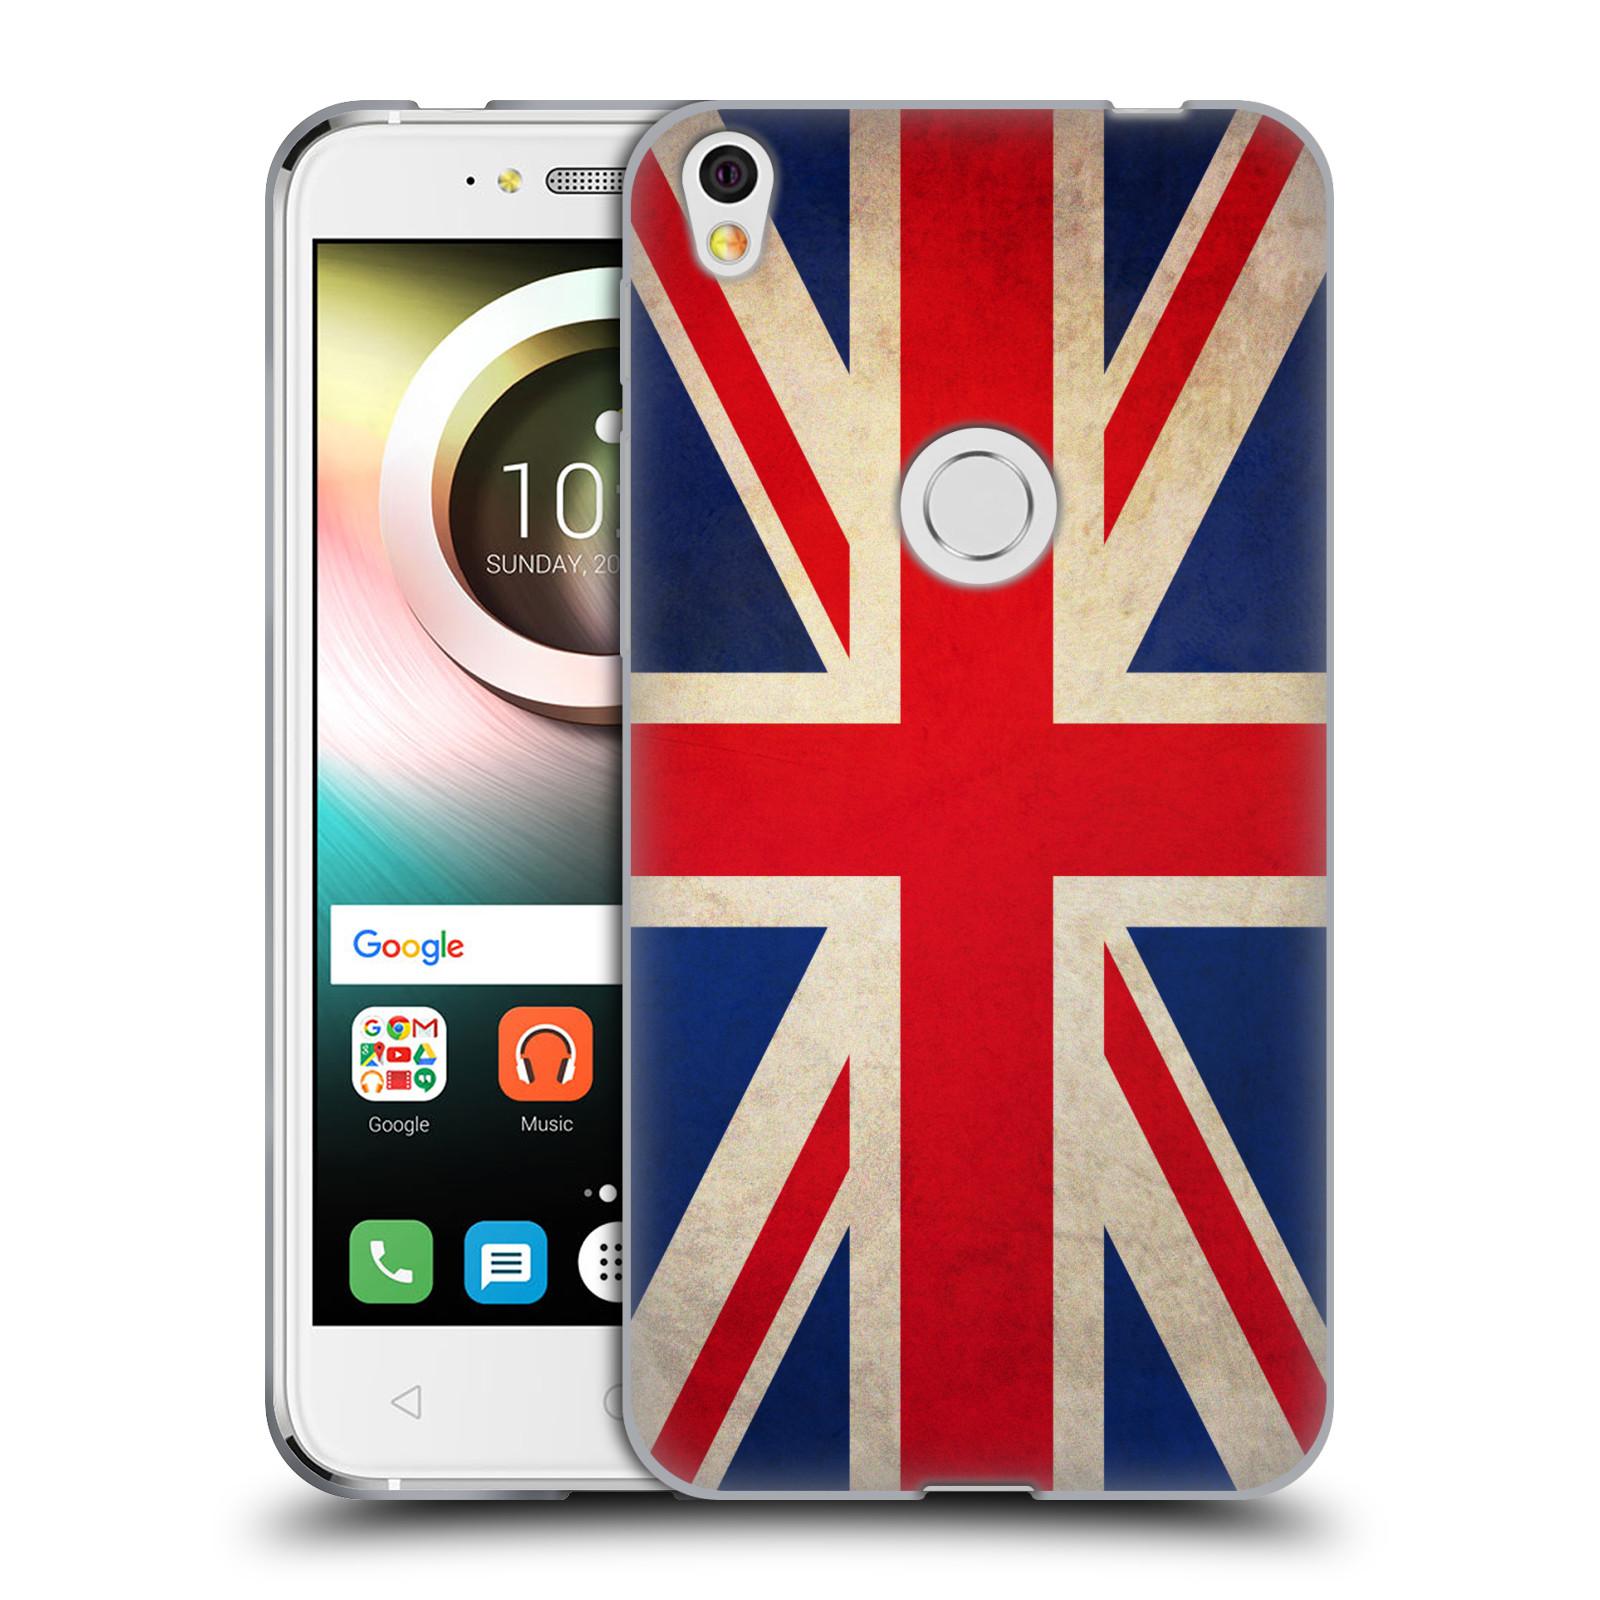 Silikonové pouzdro na mobil Alcatel Shine Lite Head Case - VLAJKA VELKÁ BRITÁNIE